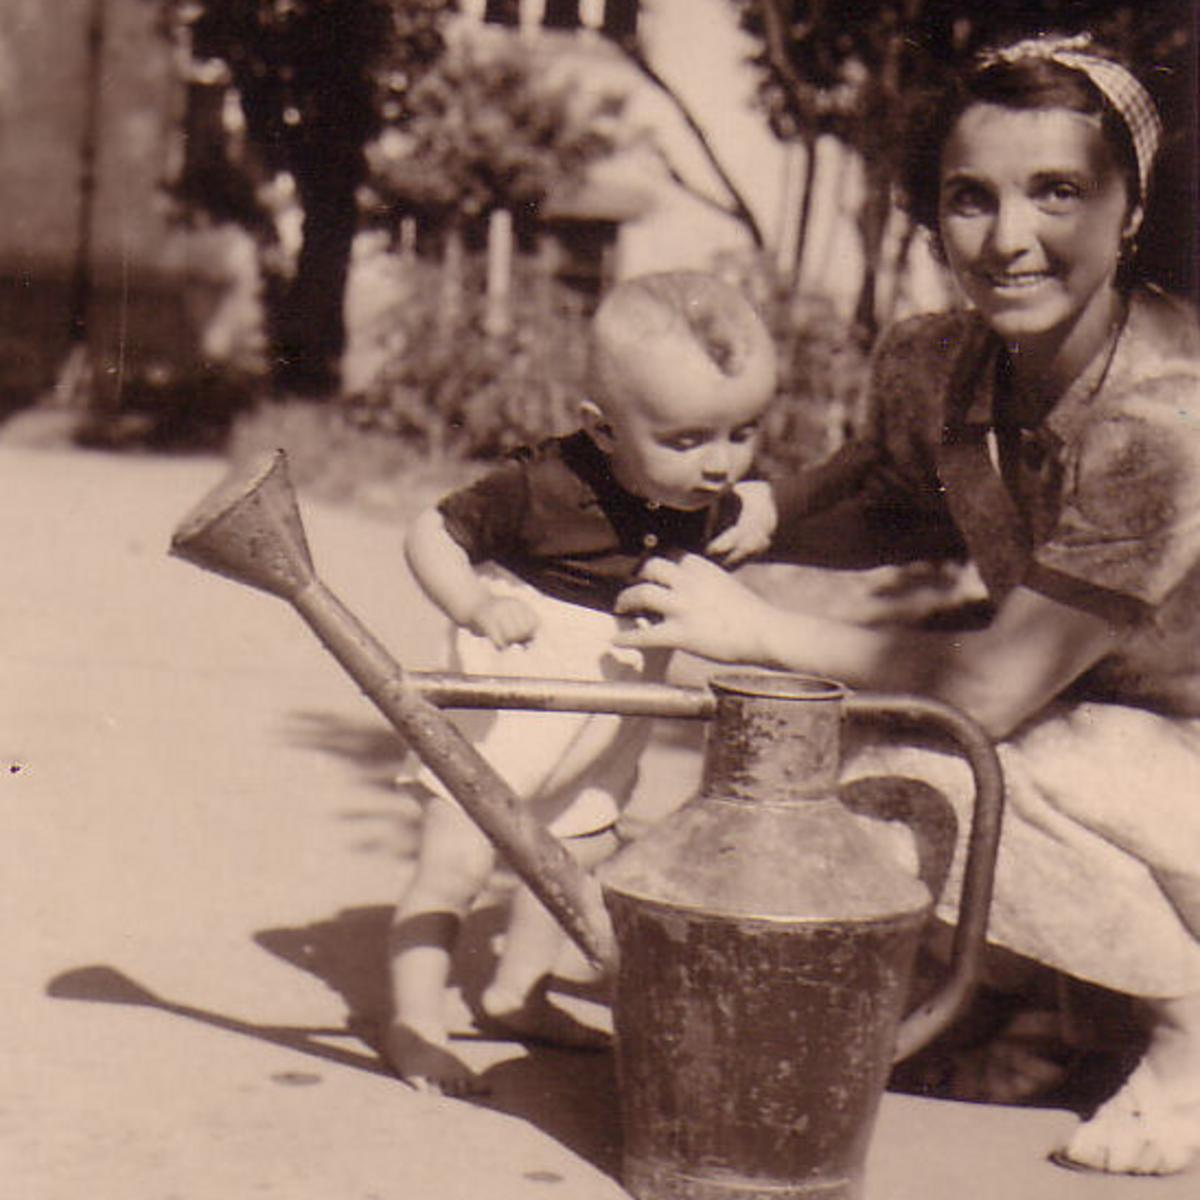 Die erste Ersatzmutter, die sich liebevoll und opferbereit um den kleinen Peter kümmerte.